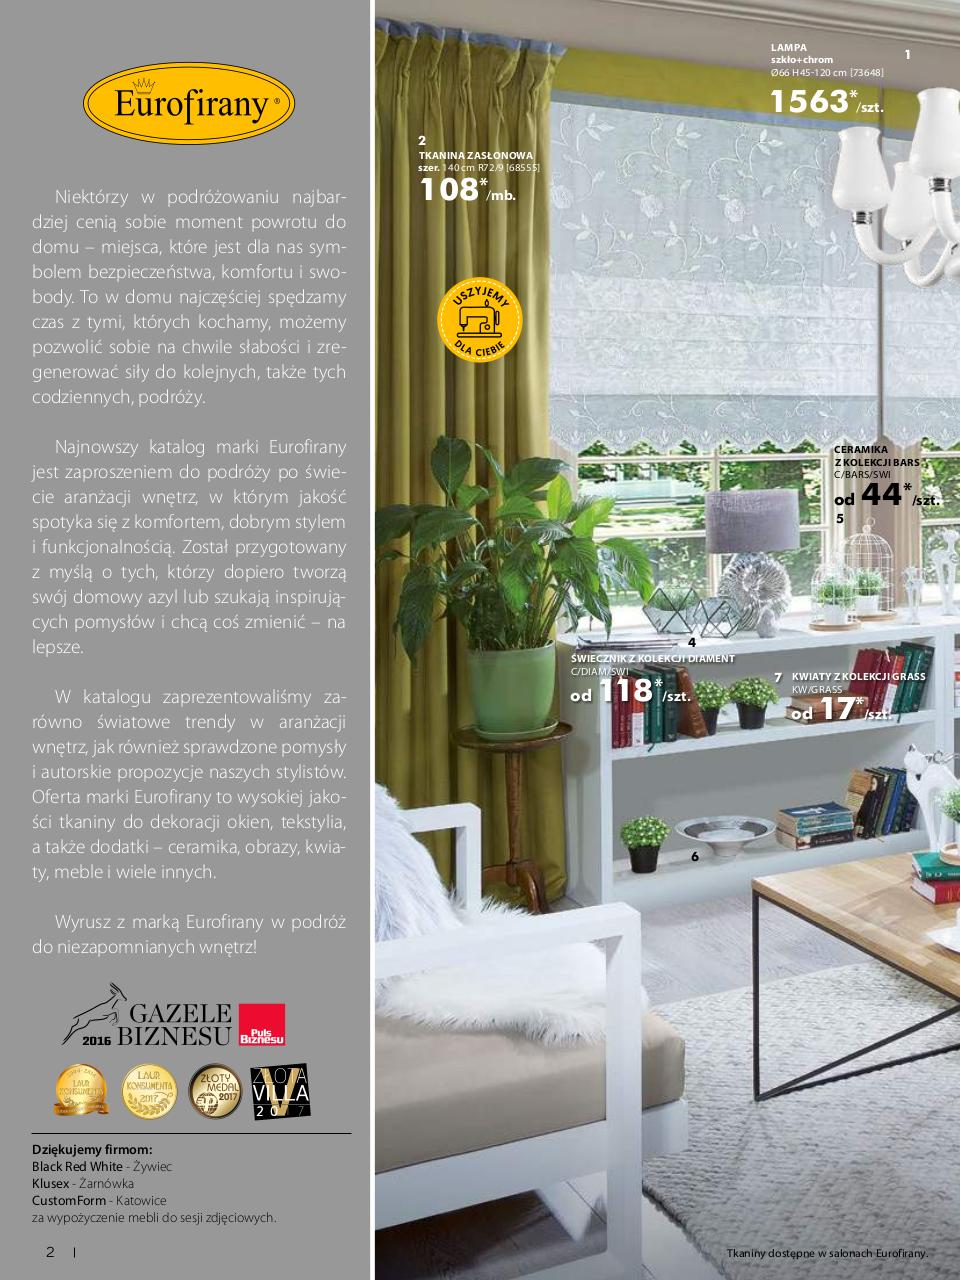 Eurofirany Katalog 2015